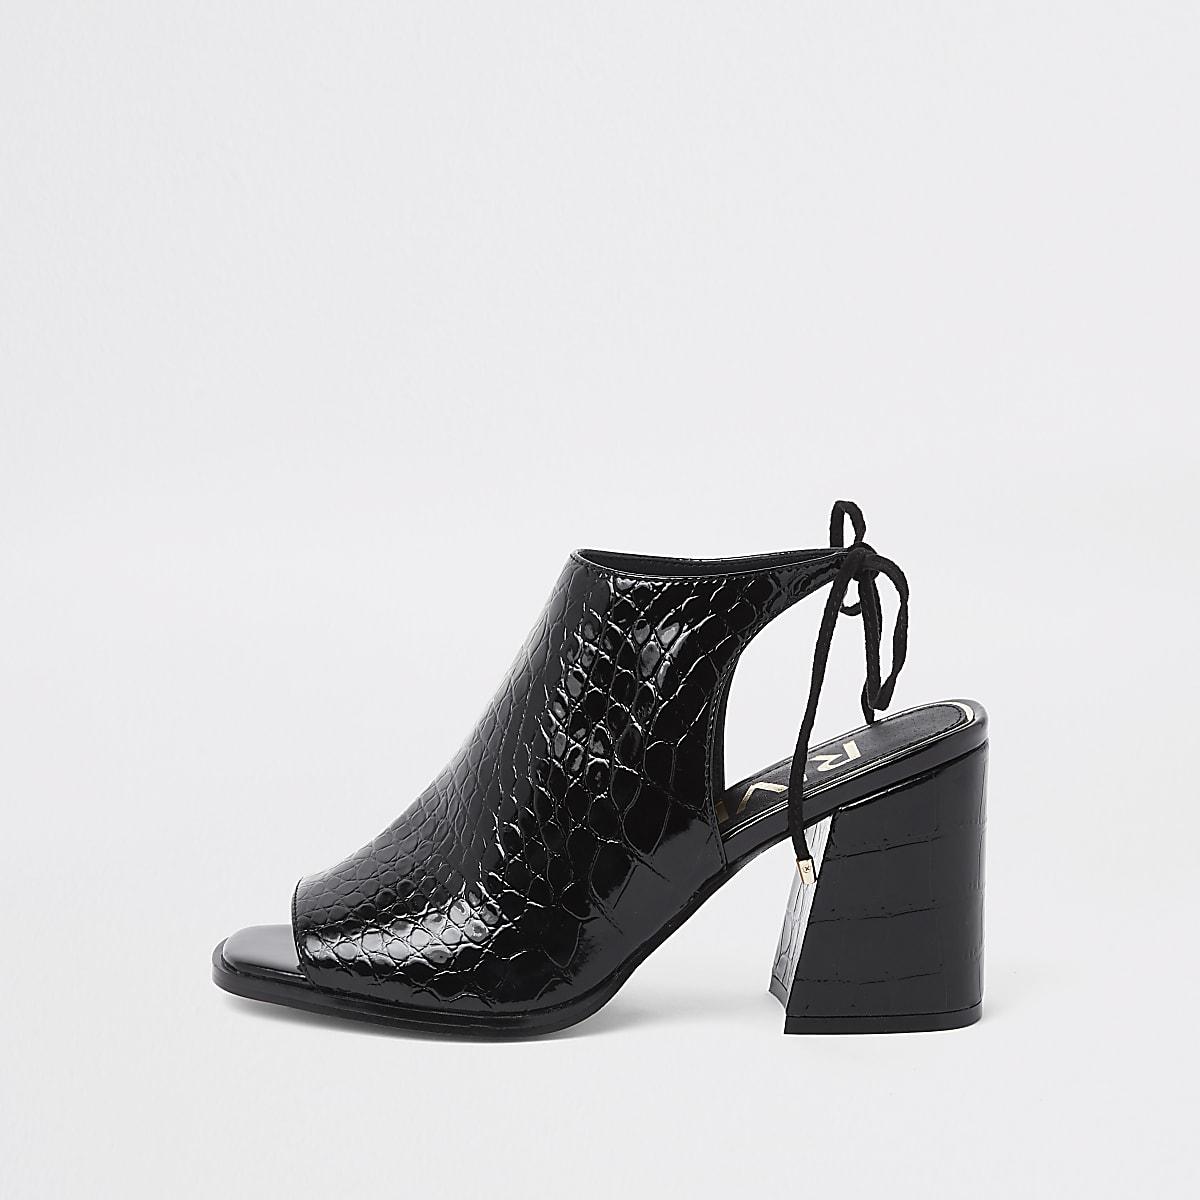 Zwarte schoenlaarsjes met blokhak, krokodillenprint en strik achter